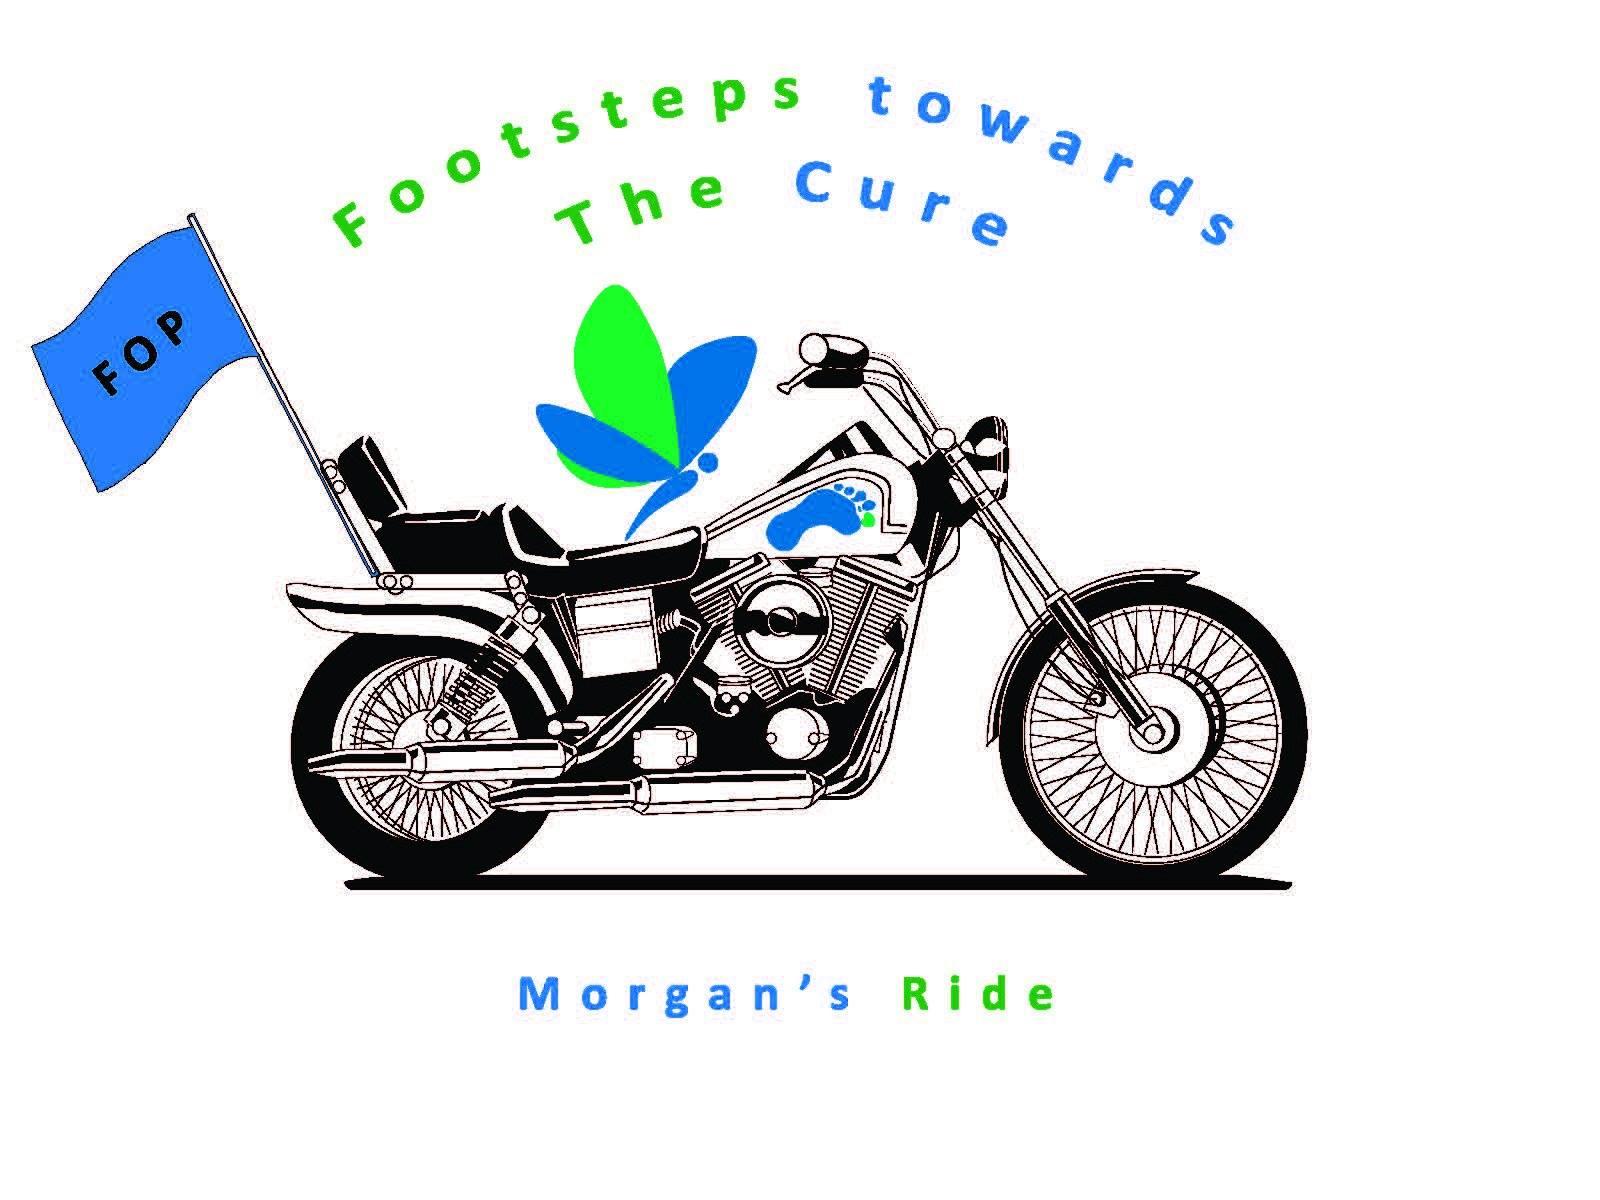 7th Annual Morgan's Ride